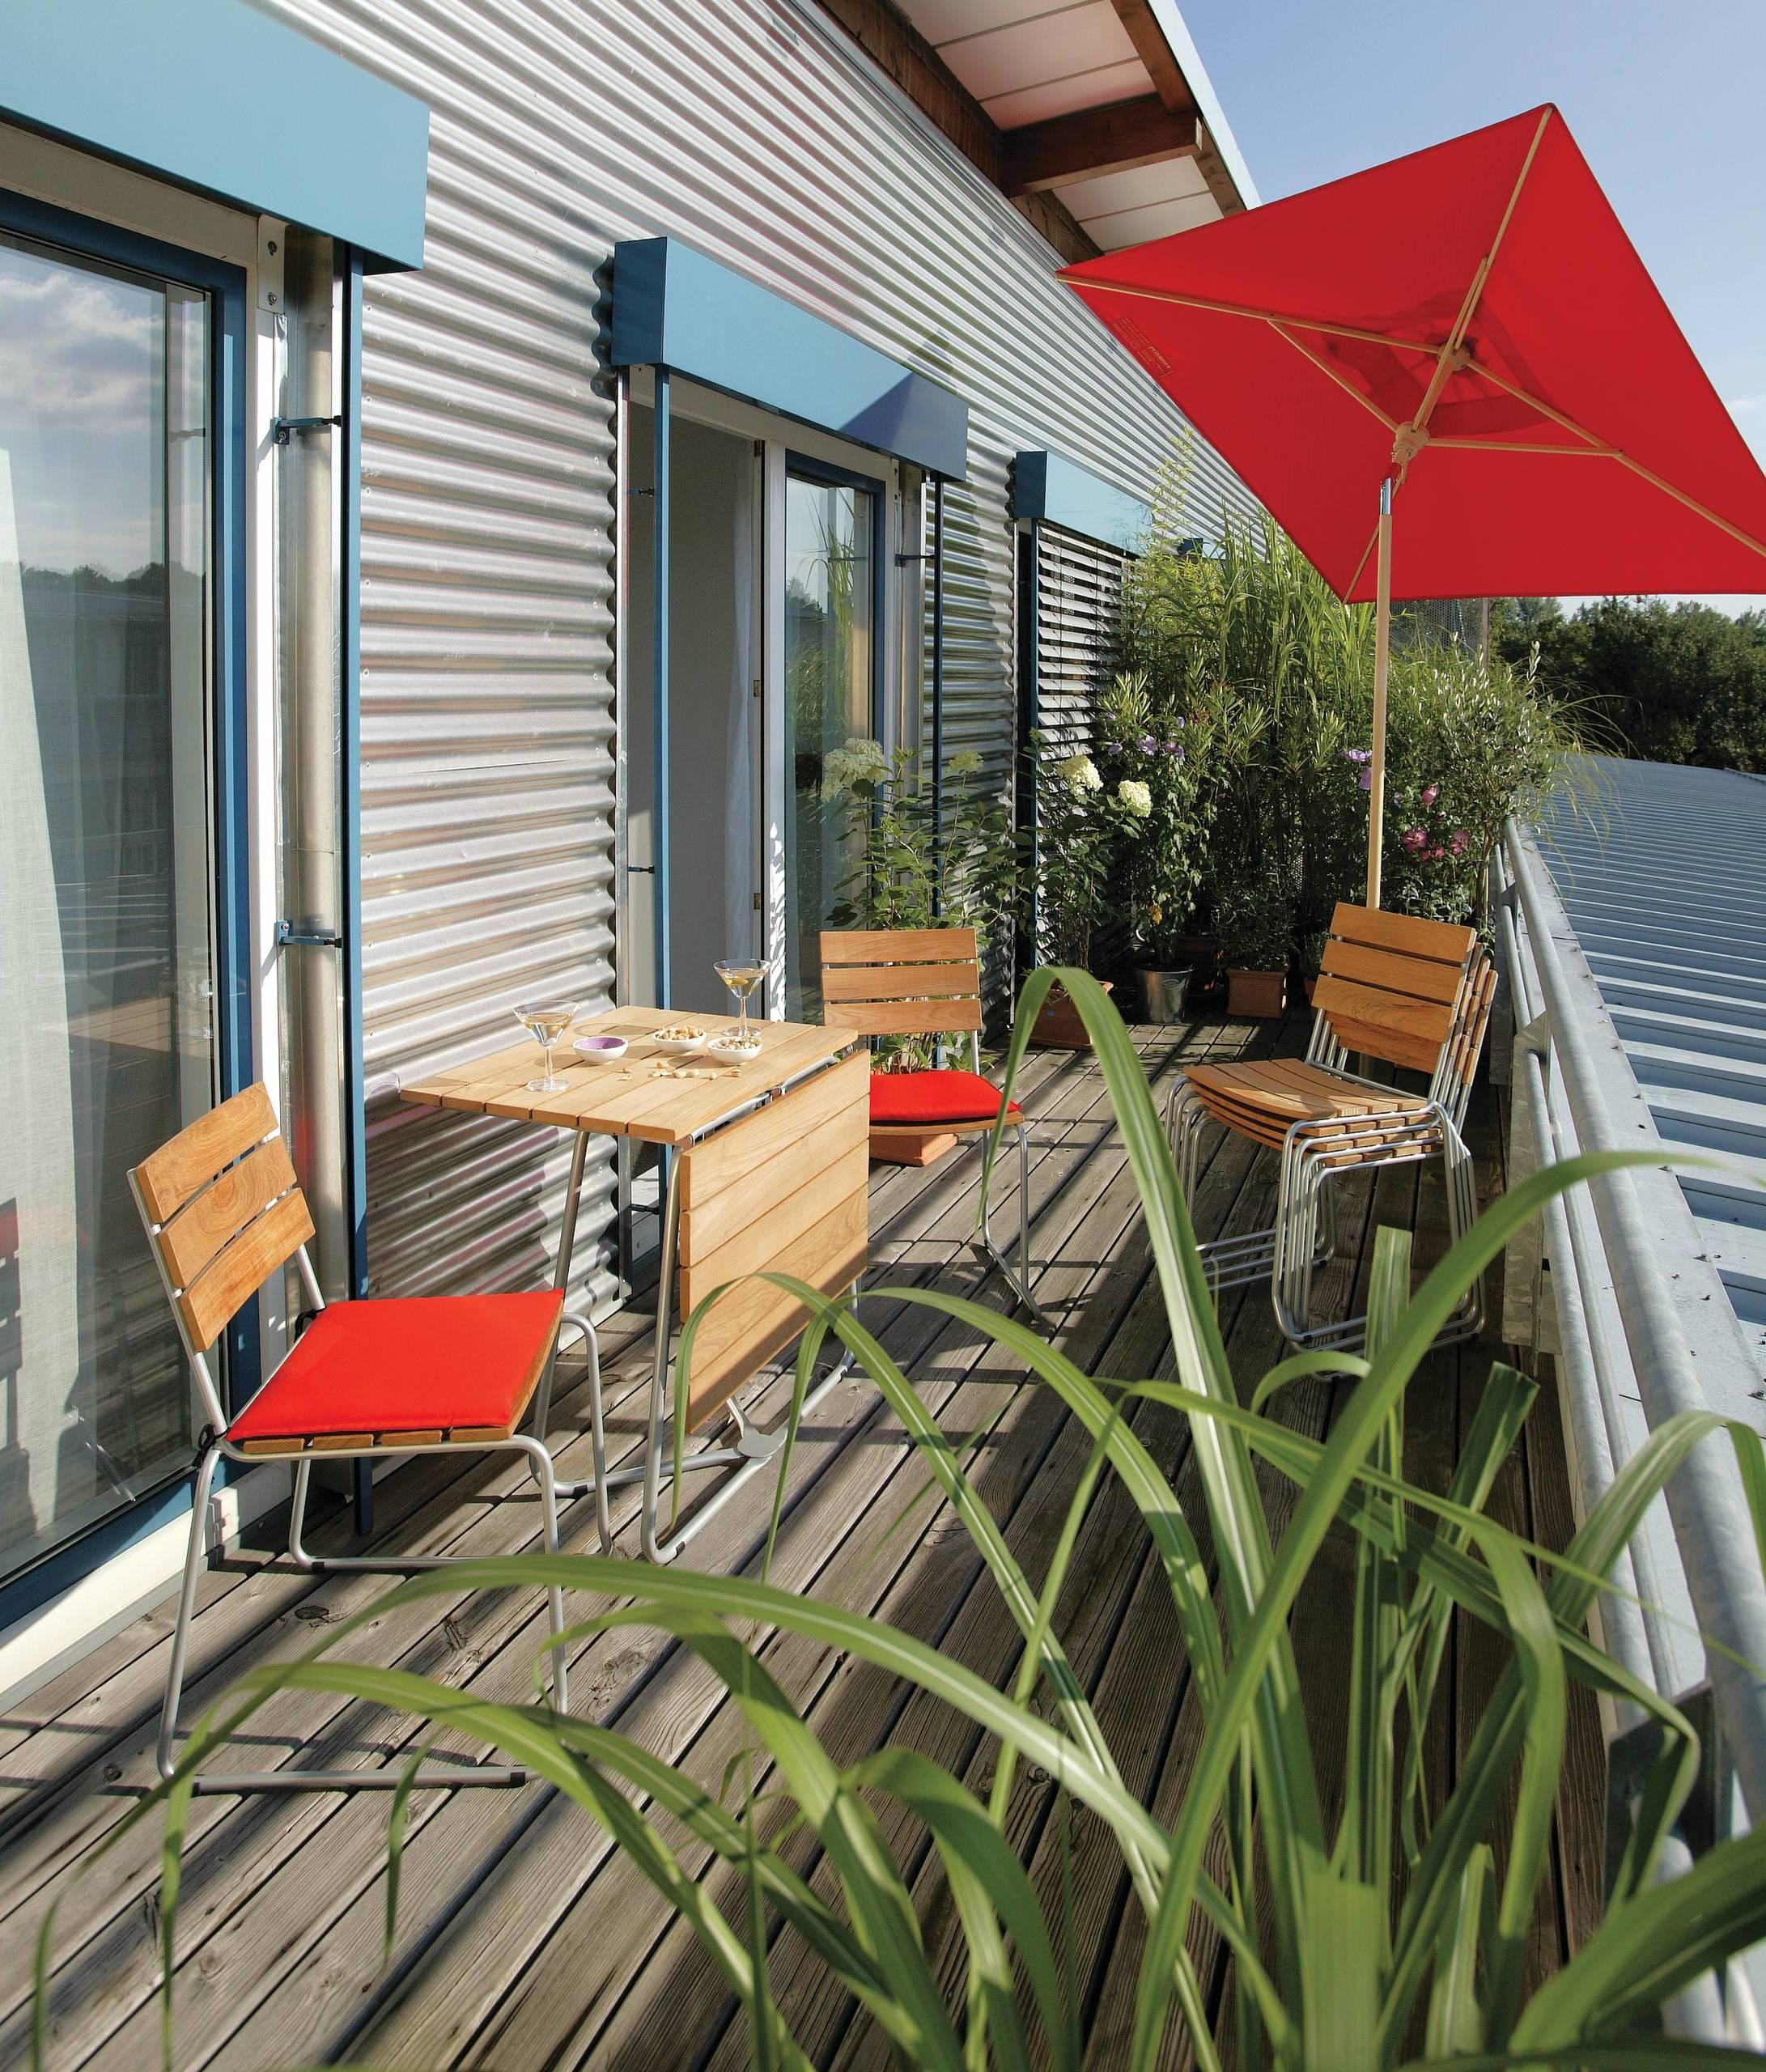 Spezielle Sonnenschirme für Balkon